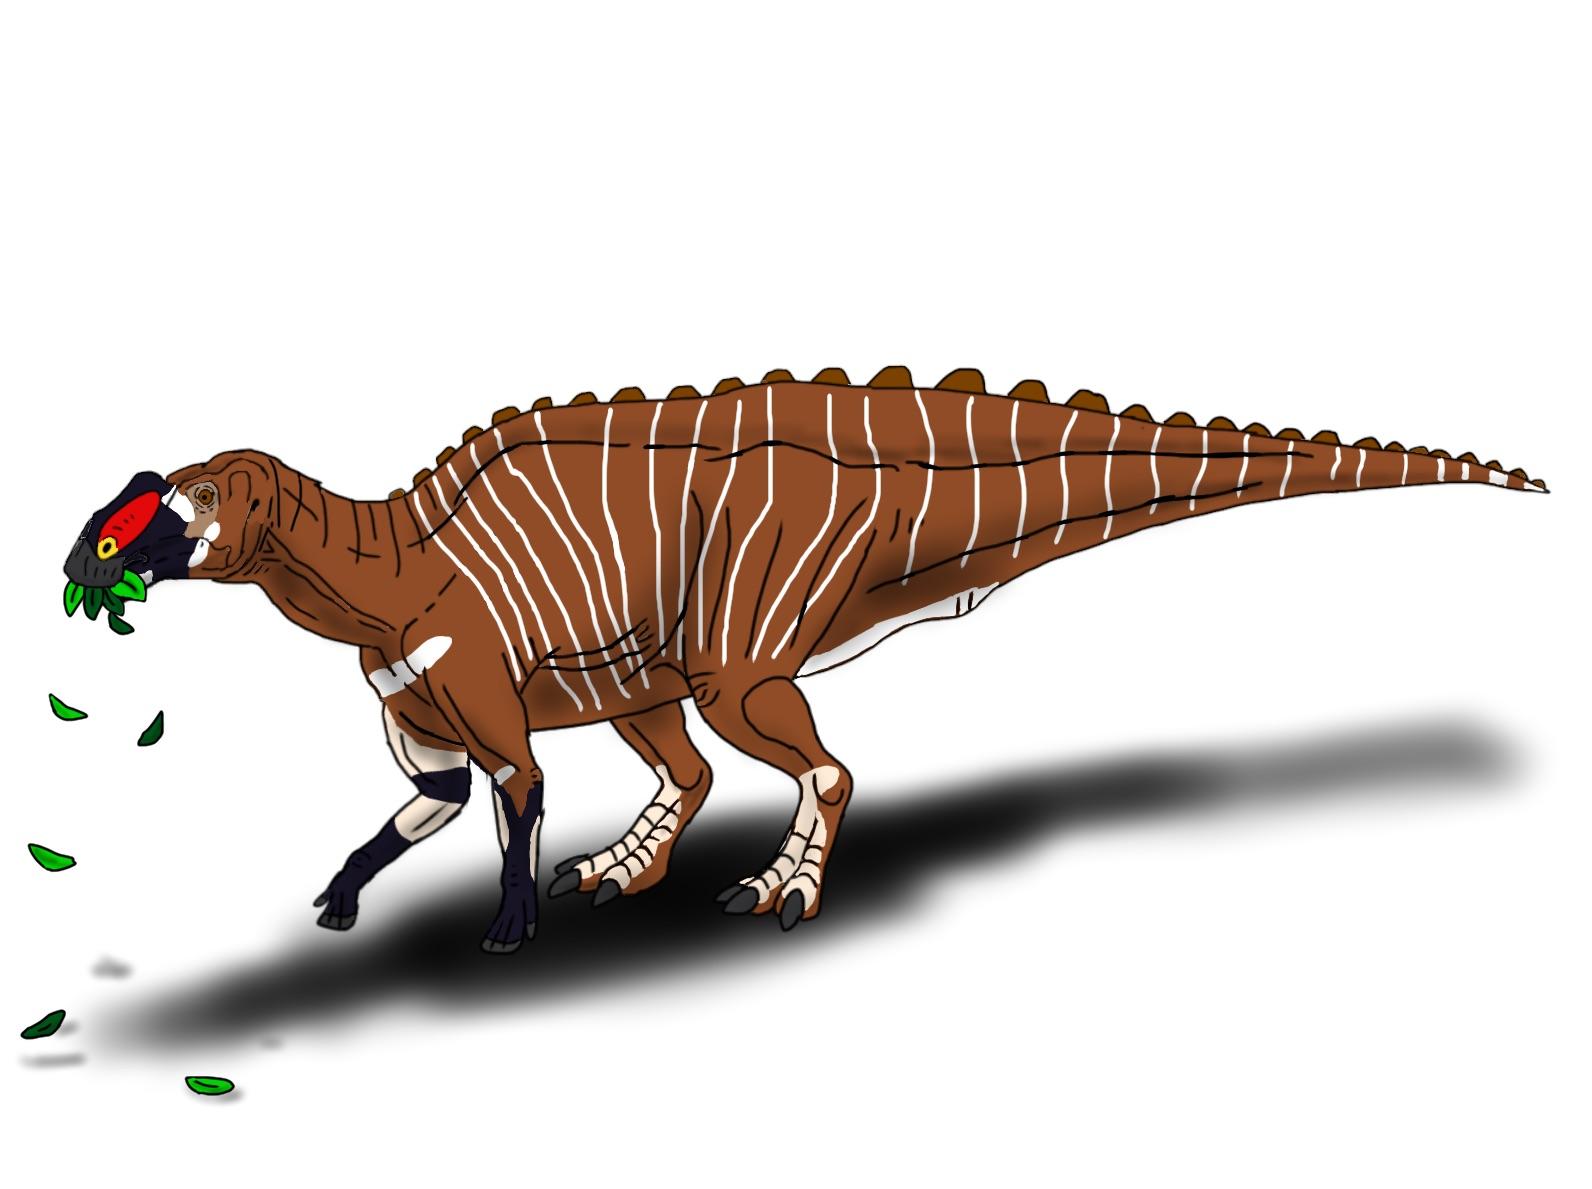 Gryposaurus monumentensis by TrefRex on DeviantArt